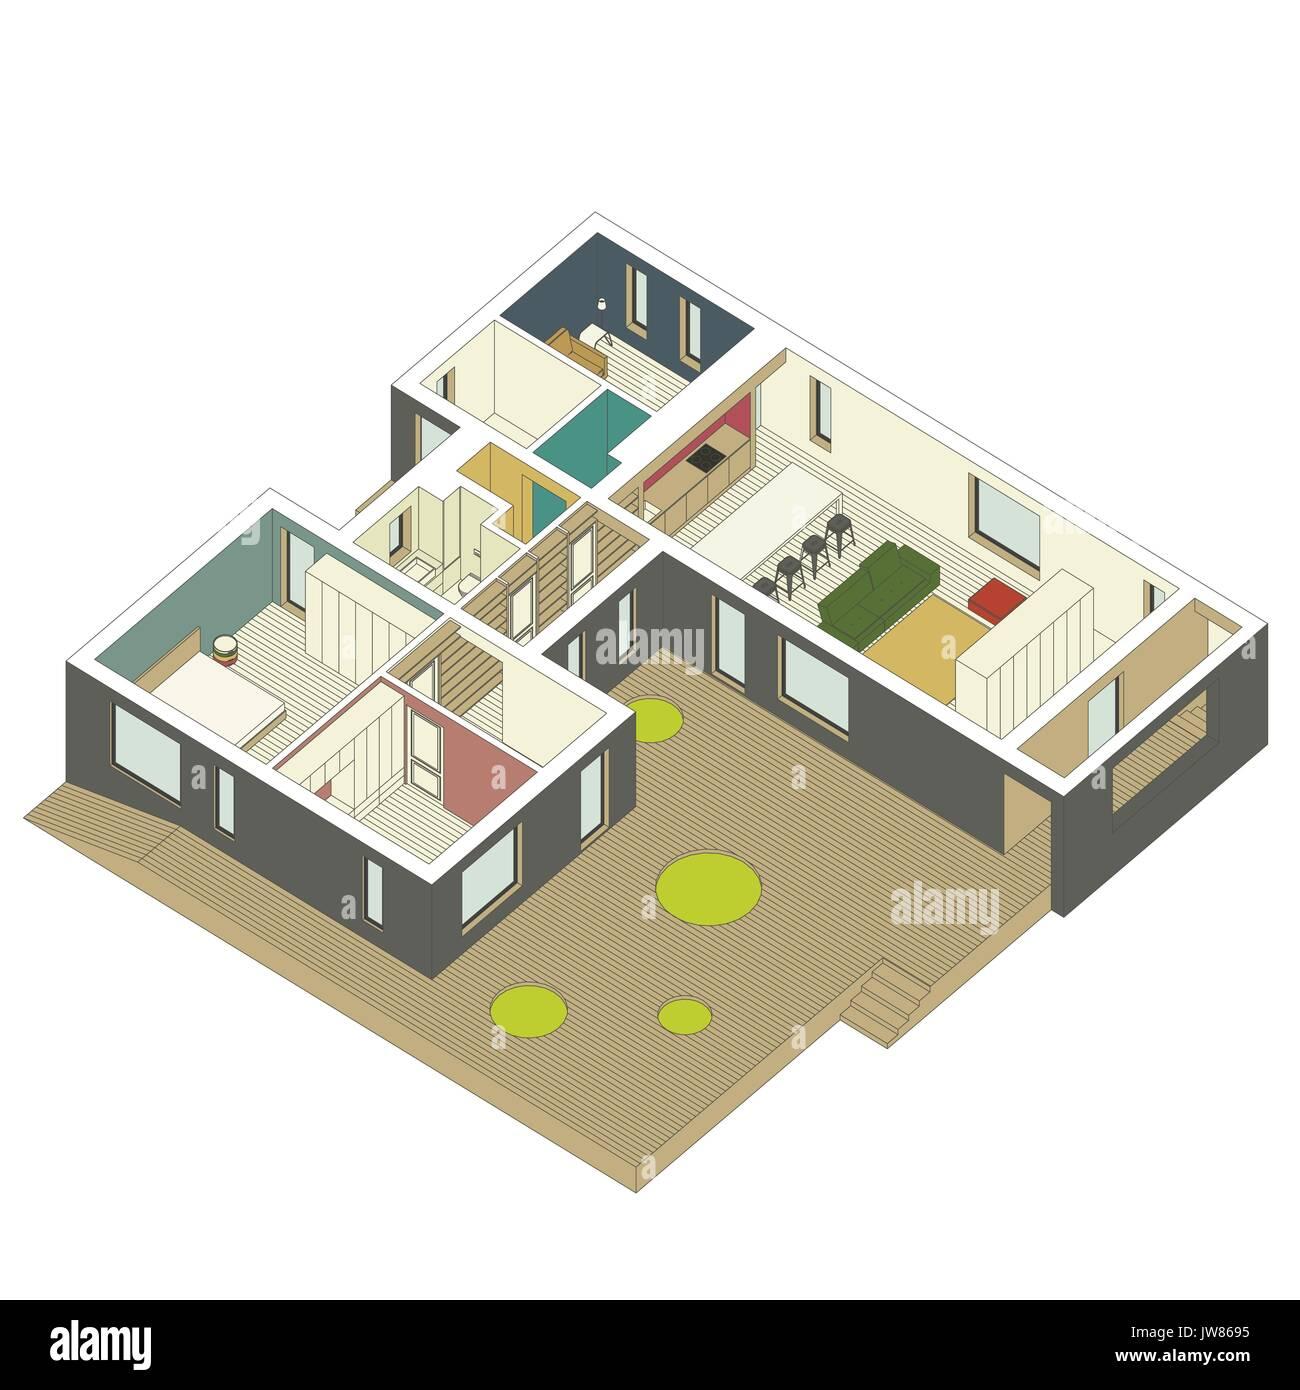 Isometric house inside - Stock Image